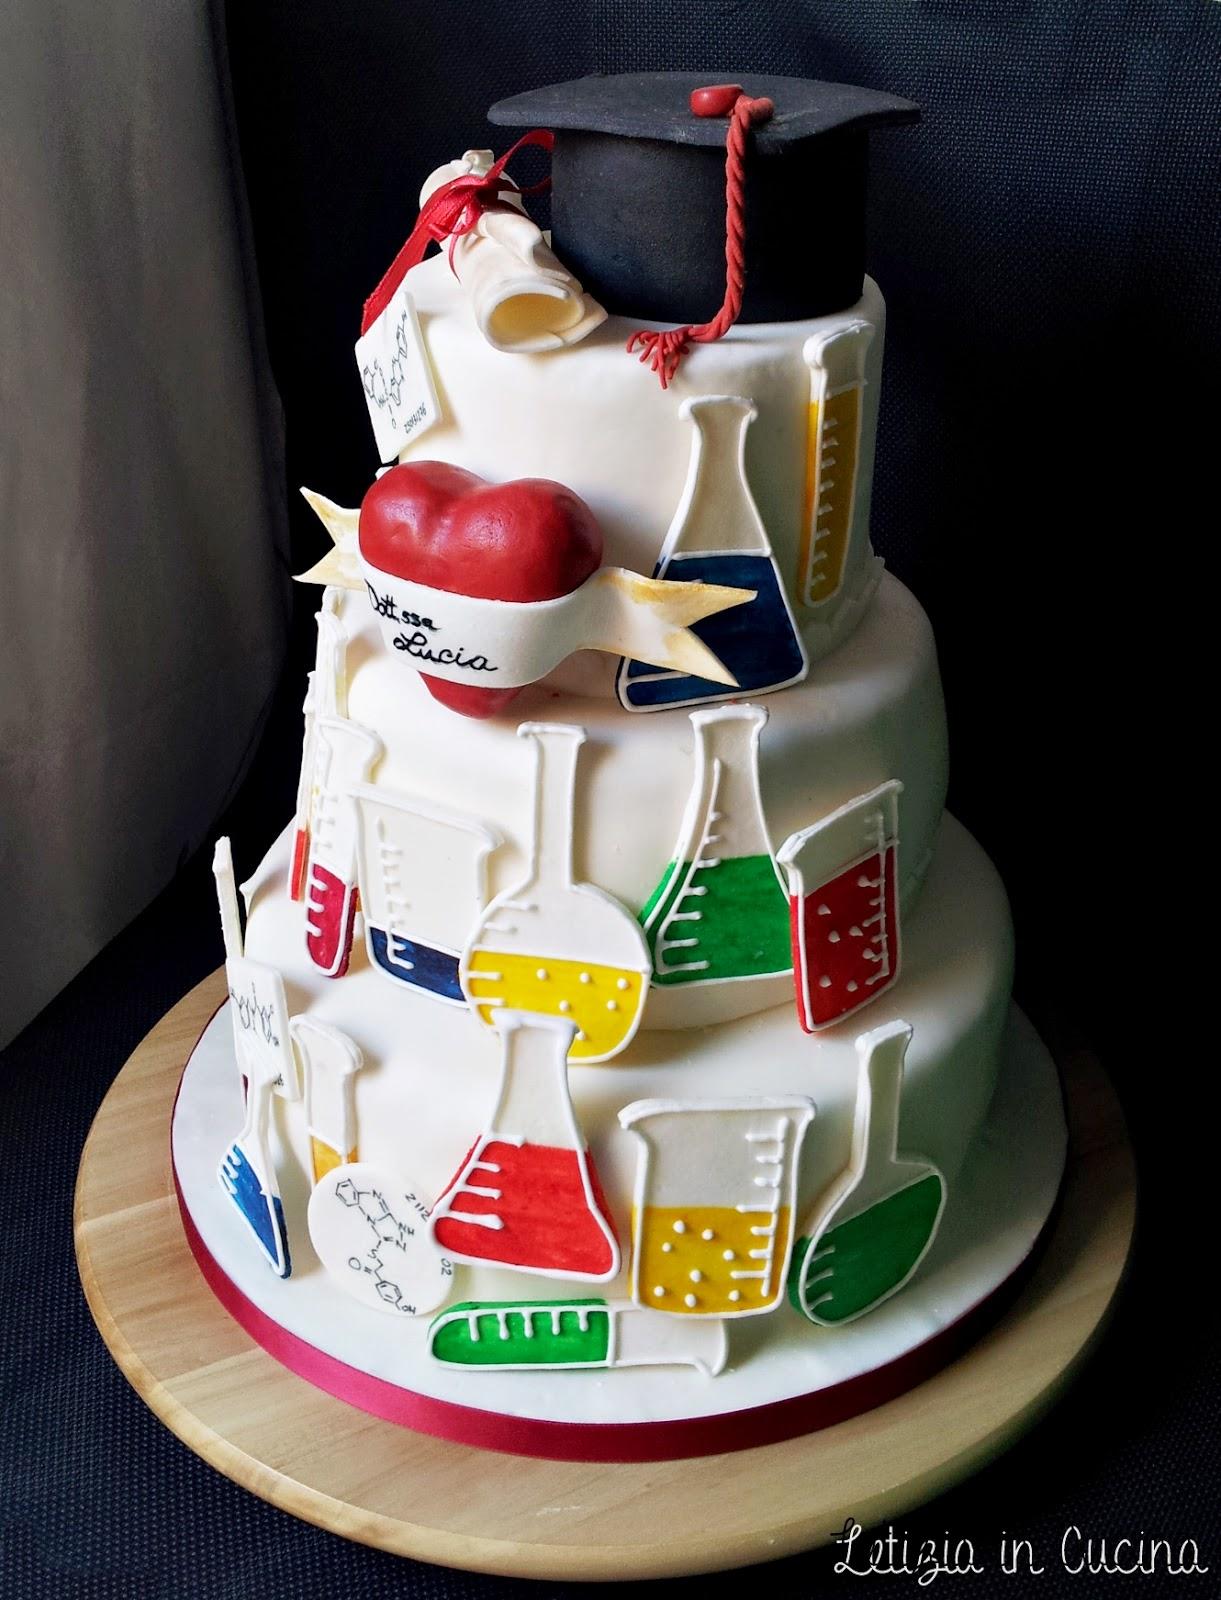 Letizia in cucina torta laurea lucia 2 - Chimica in cucina ...